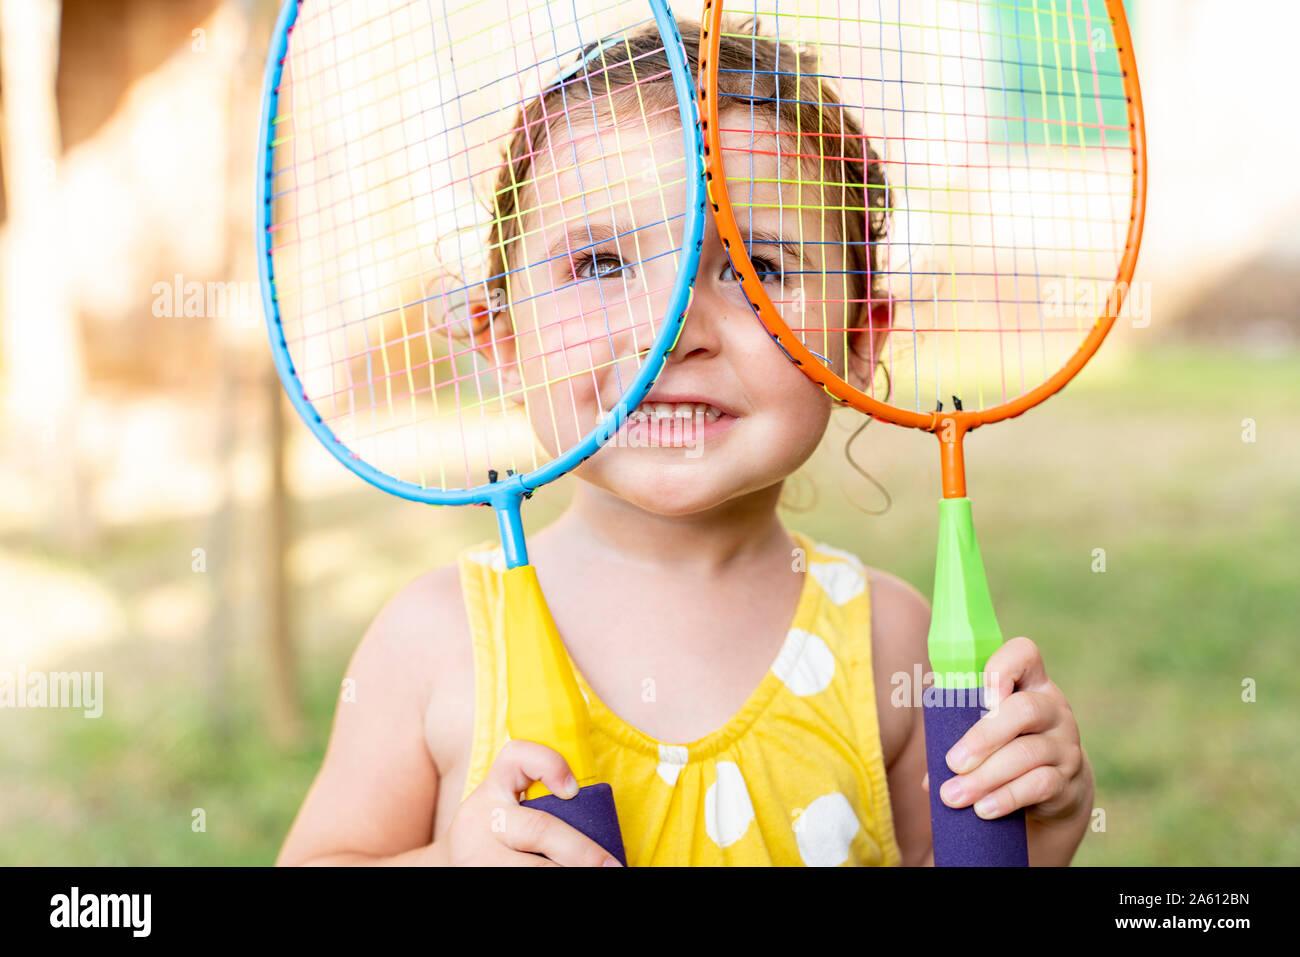 Niña jugando con raquetas de badminton colorido al aire libre en verano Foto de stock